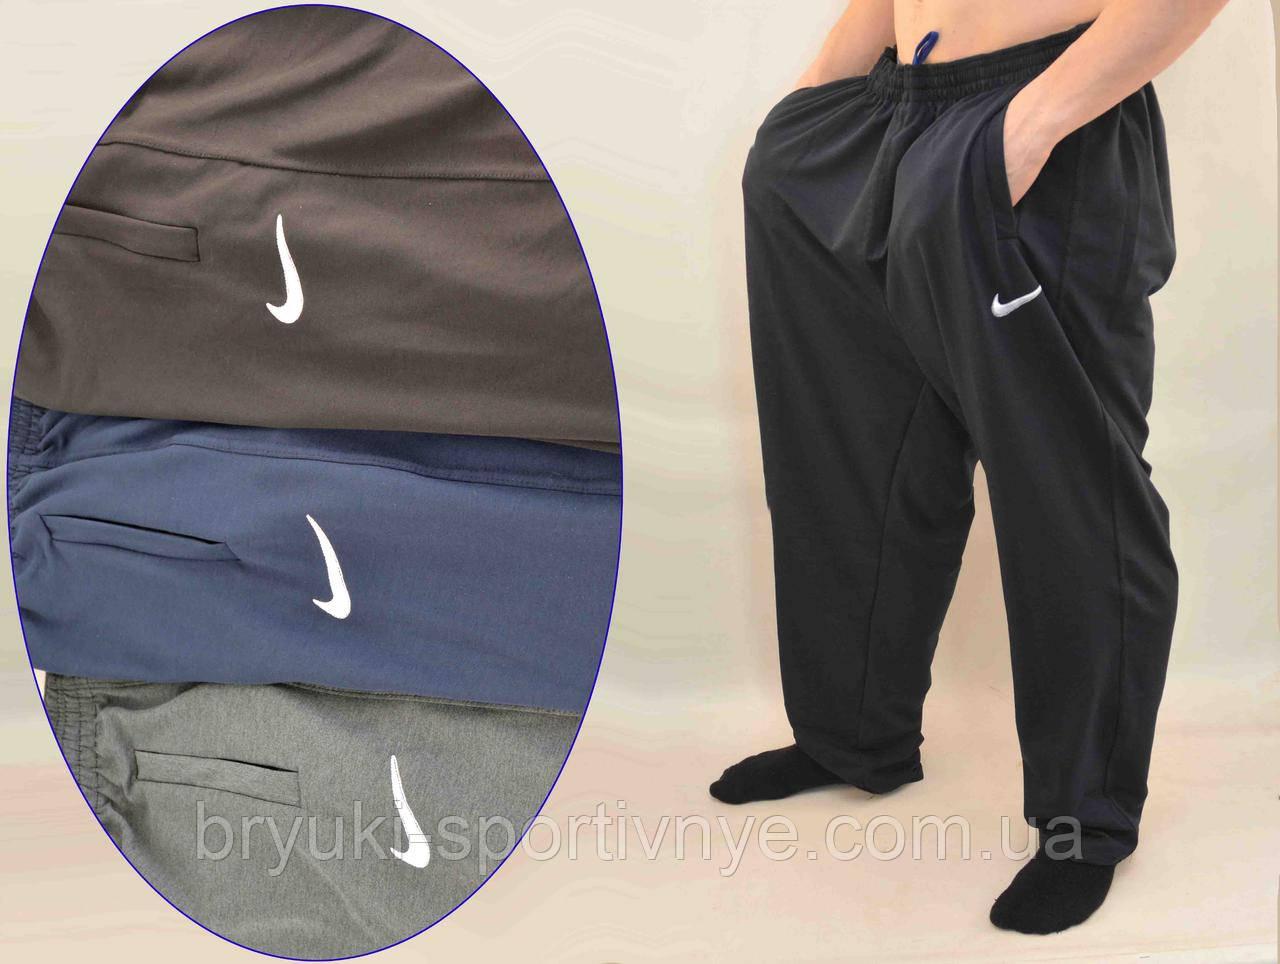 Брюки спортивные мужские трикотажные Nike в очень больших размерах - штаны спортивные батал